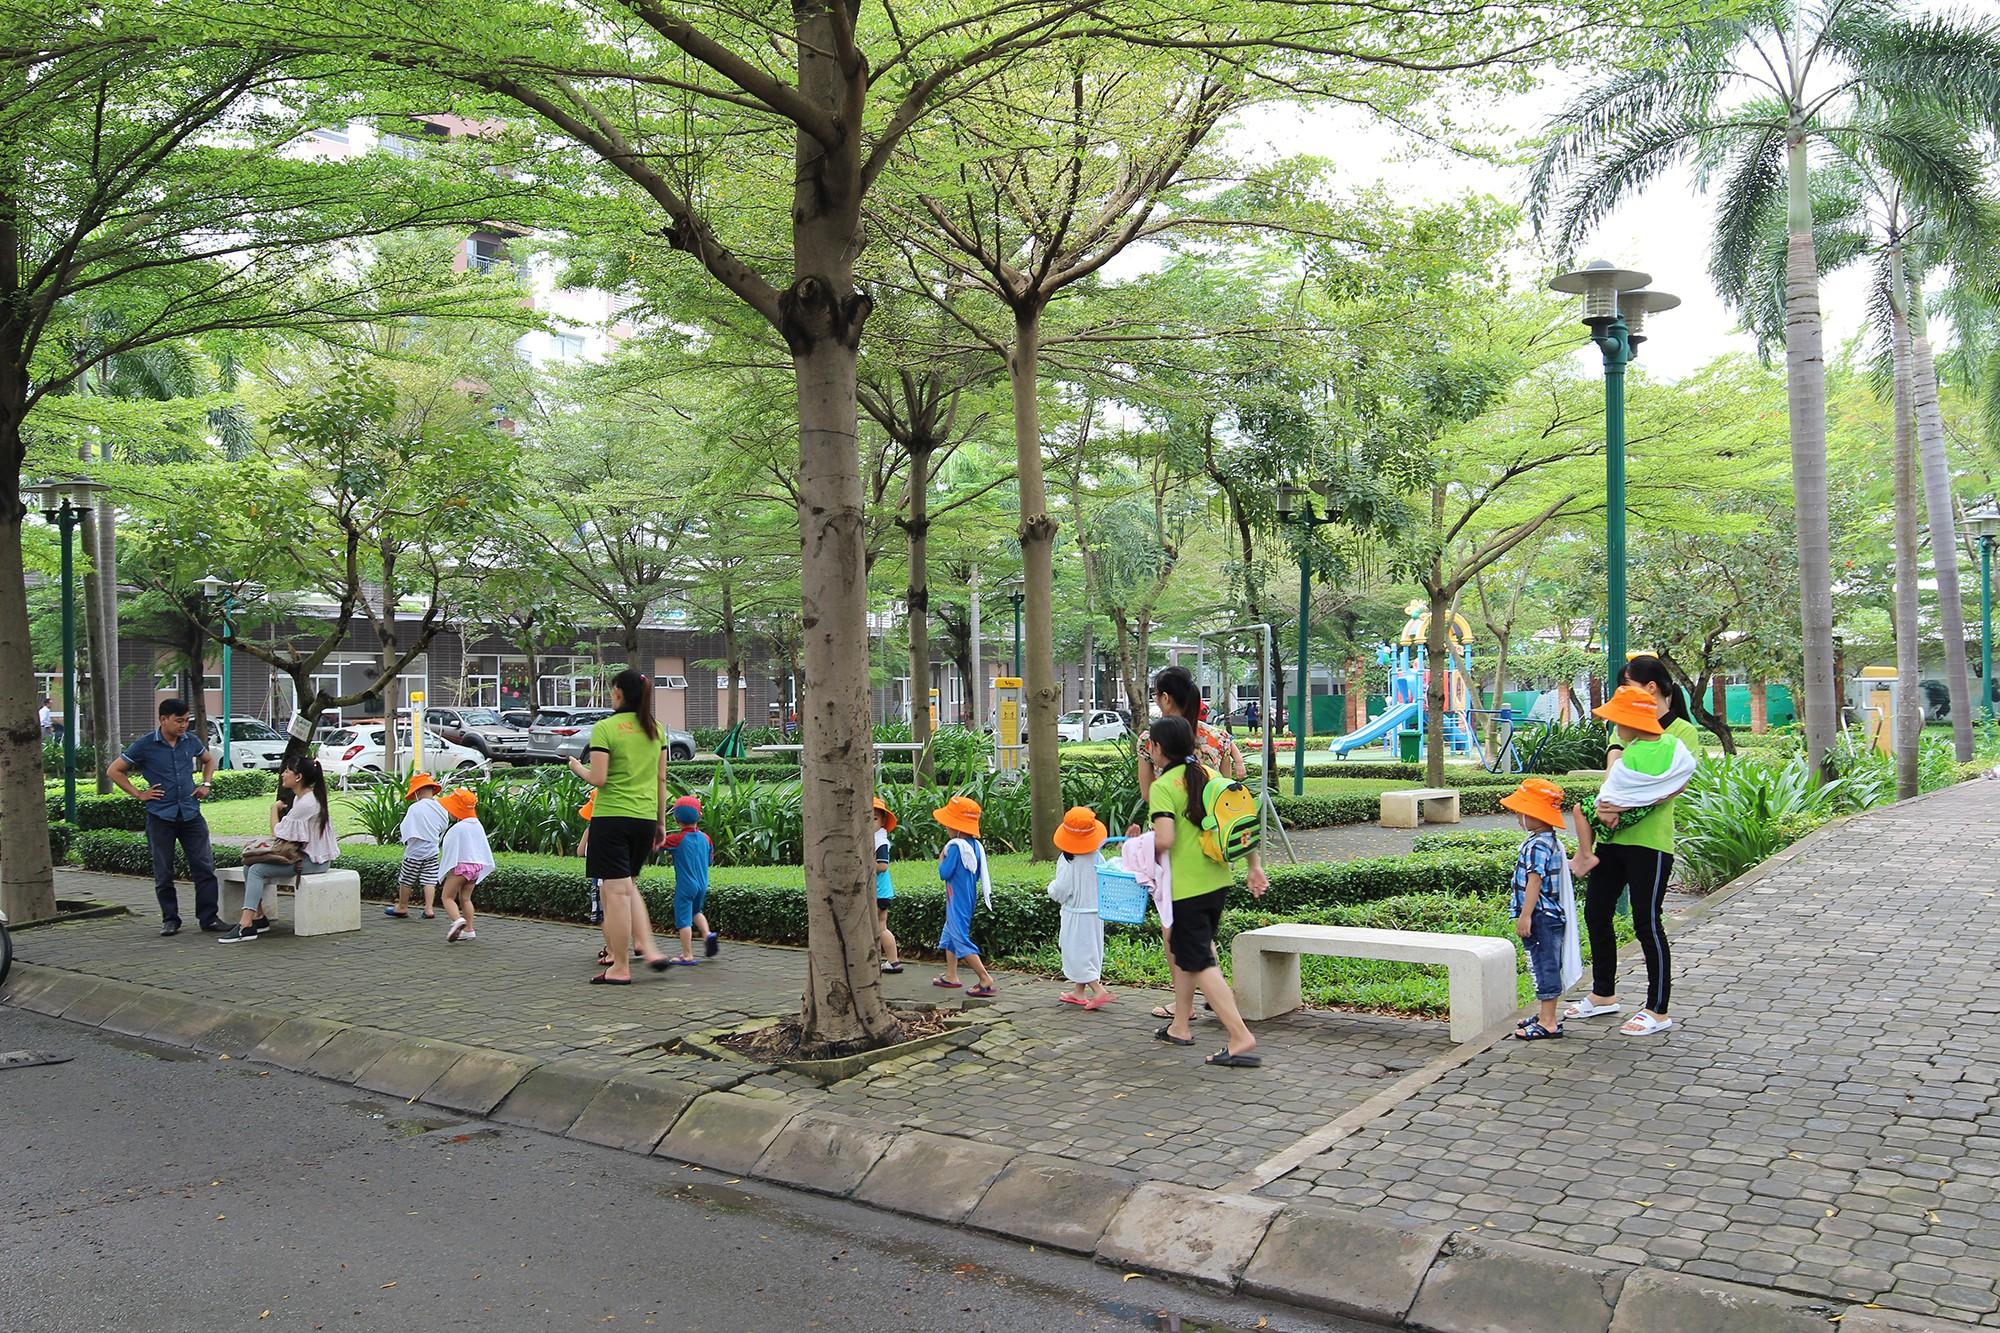 Ngỡ ngàng với những gì khu đô thị - Township mang đến cho người dân Việt Nam - Ảnh 6.